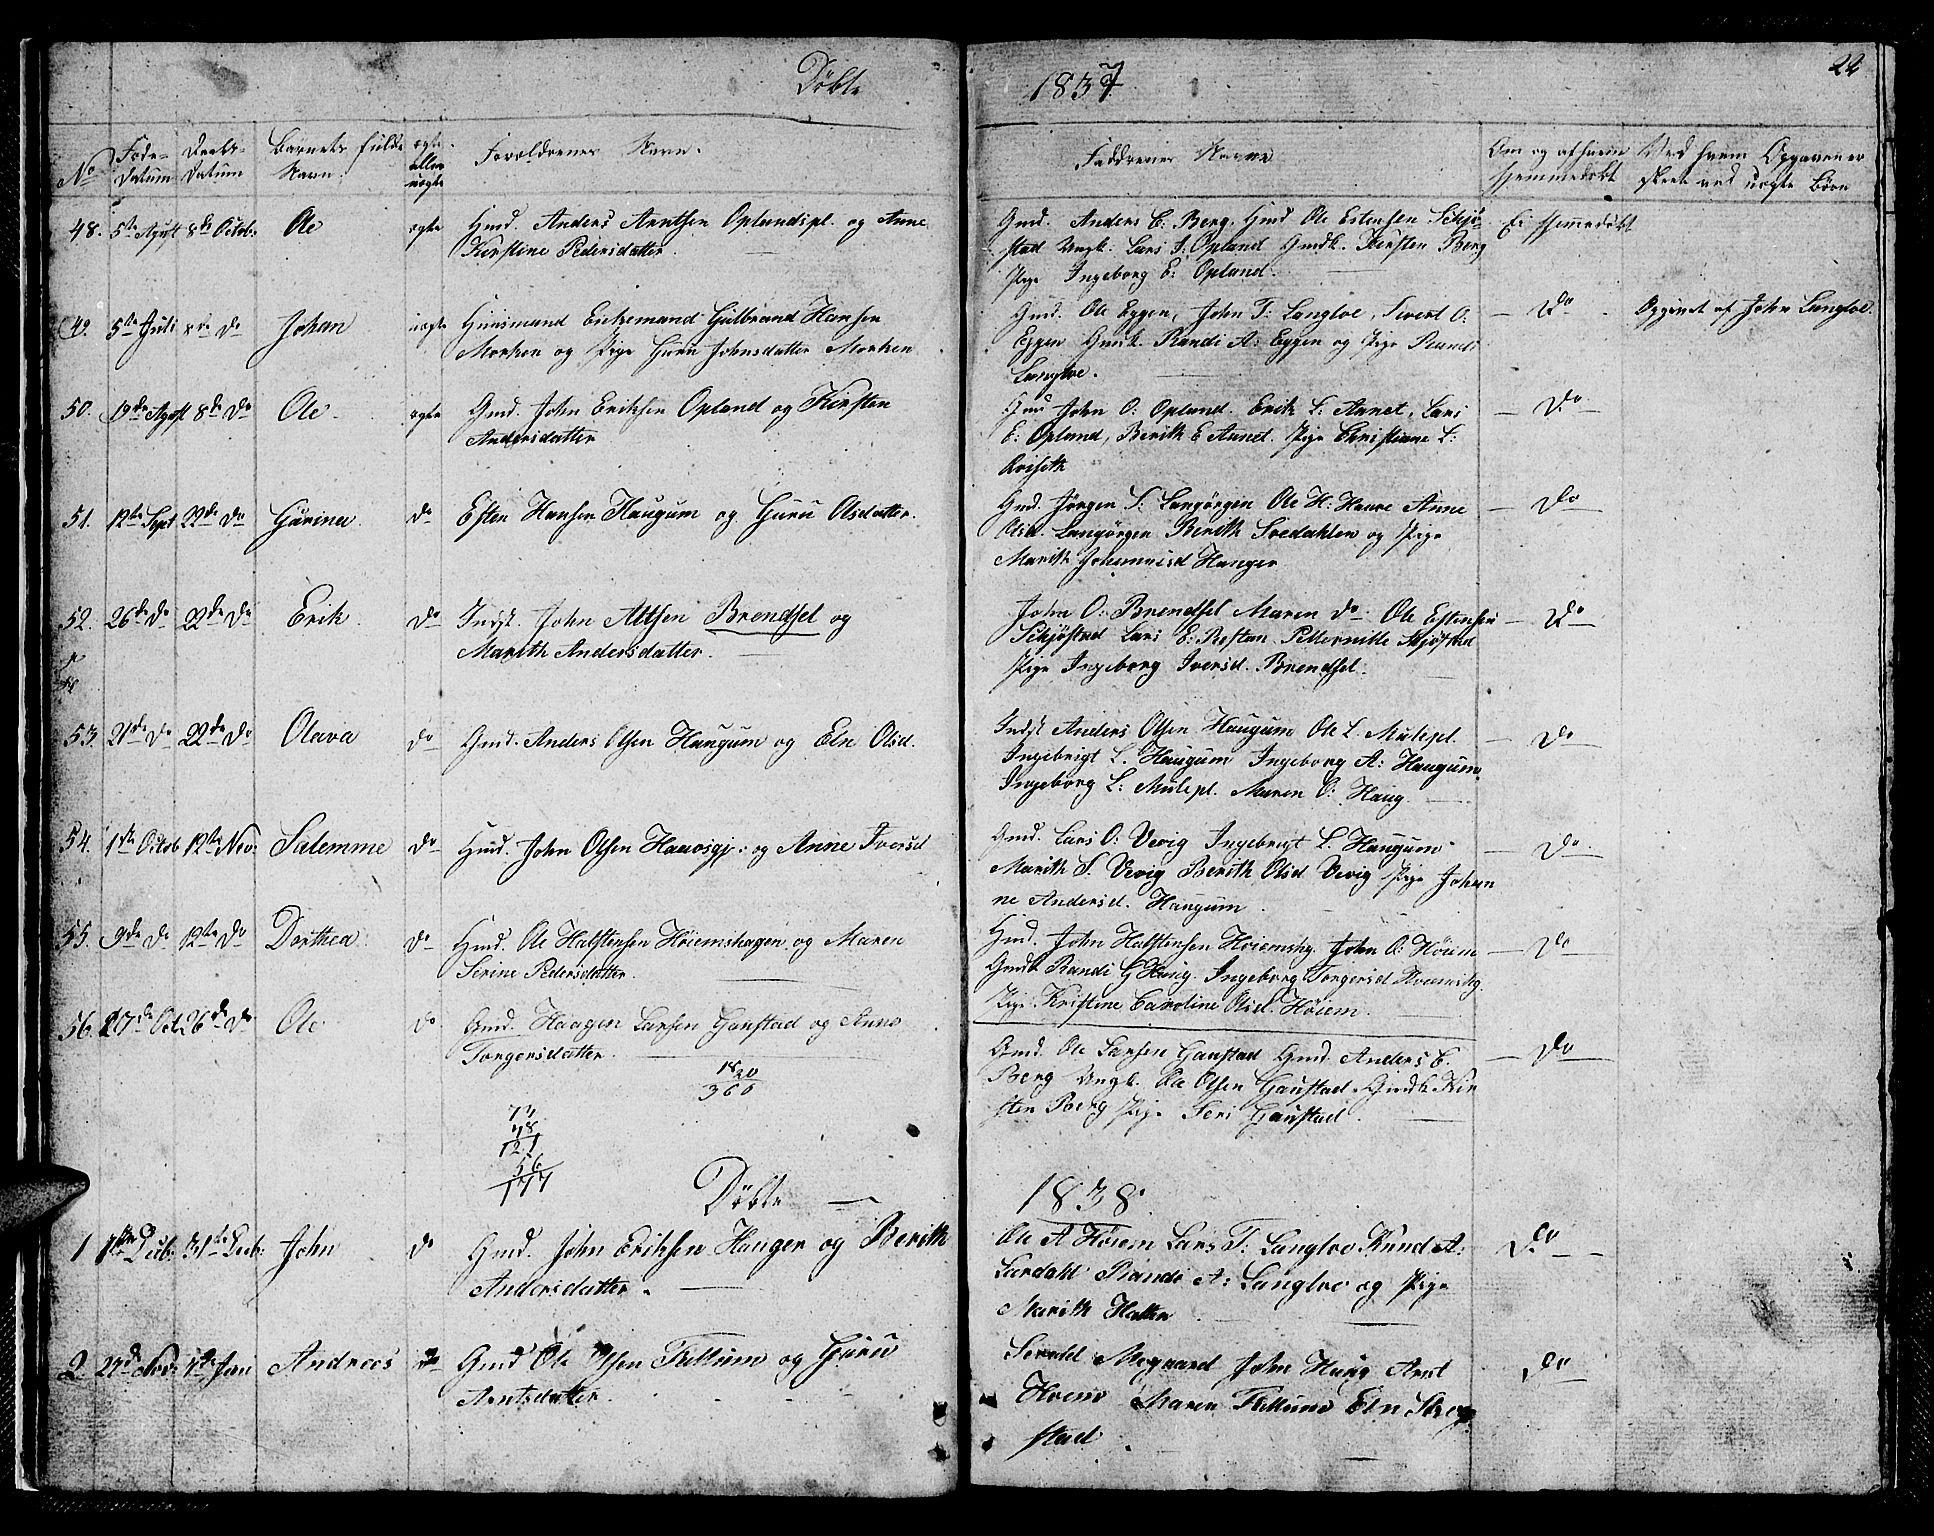 SAT, Ministerialprotokoller, klokkerbøker og fødselsregistre - Sør-Trøndelag, 612/L0386: Klokkerbok nr. 612C02, 1834-1845, s. 22